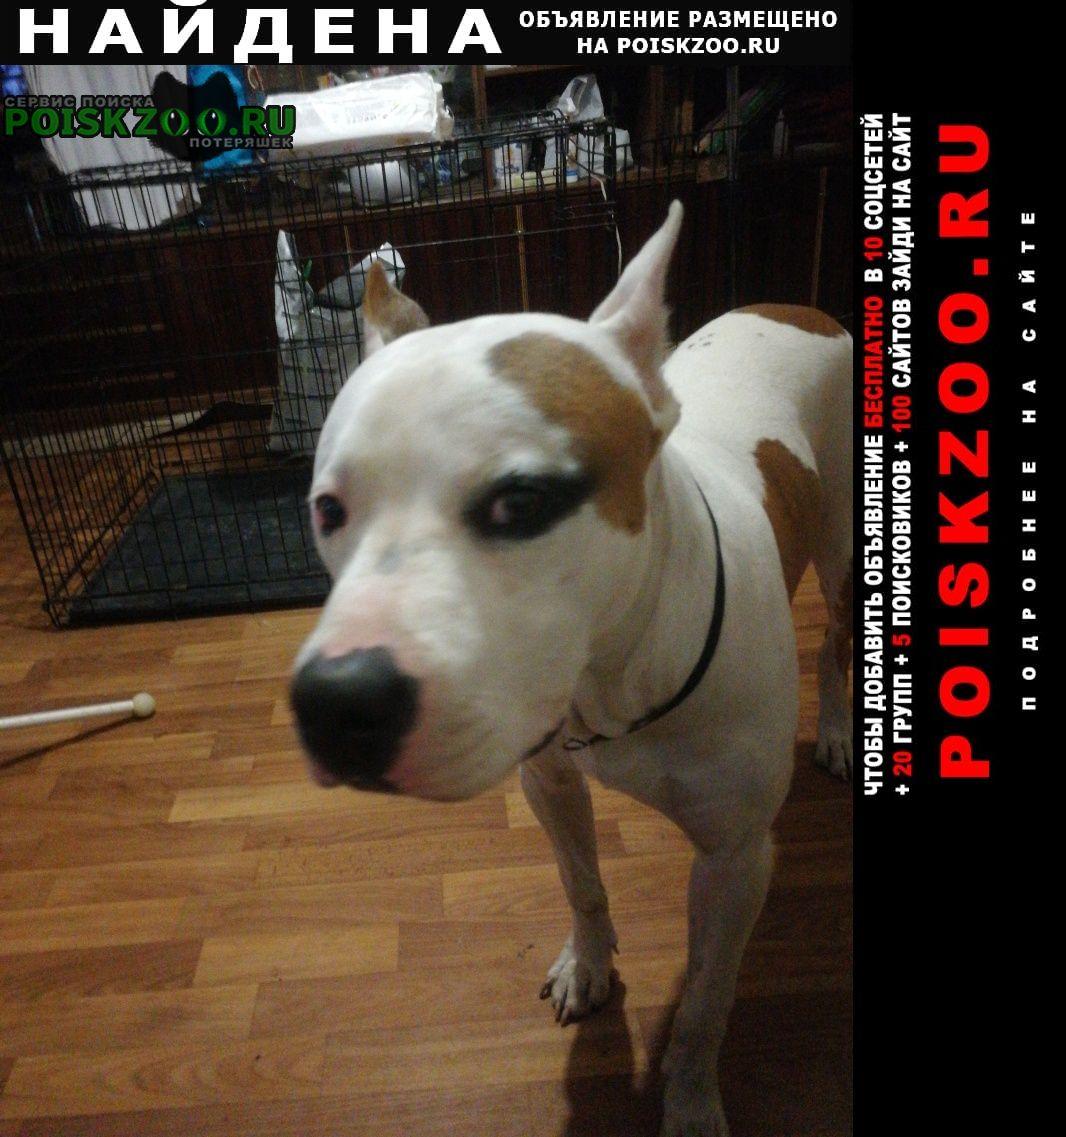 Найдена собака в пролетарском районе Тула